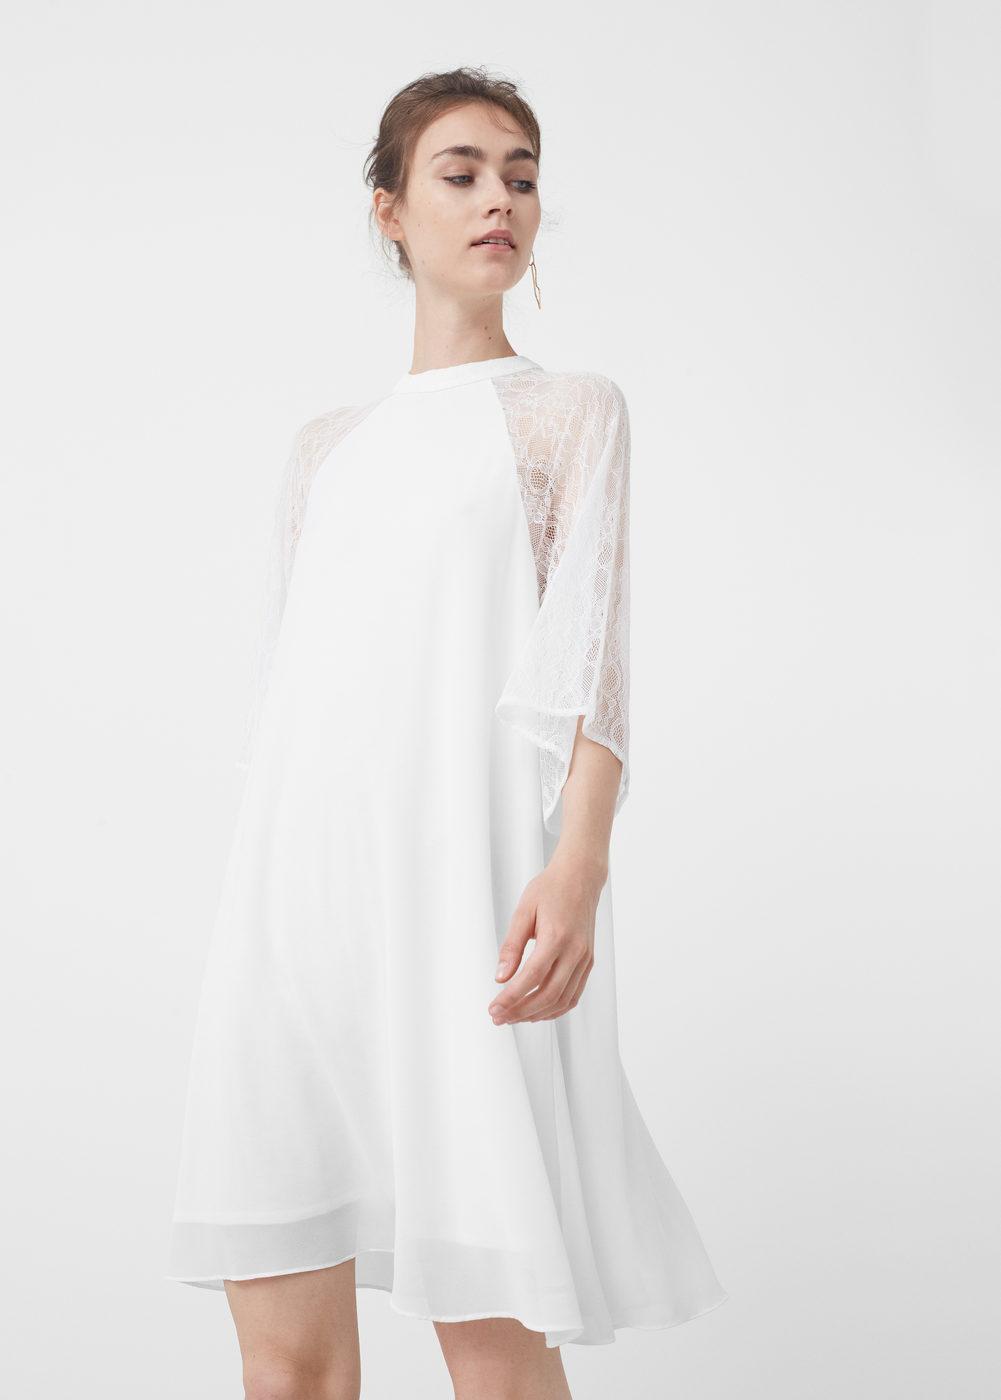 Το λευκό είναι ένα χρώμα που μπορεί να φορεθεί πραγματικά από όλους. Η  αλήθεια είναι βέβαια πως 5726d18c814